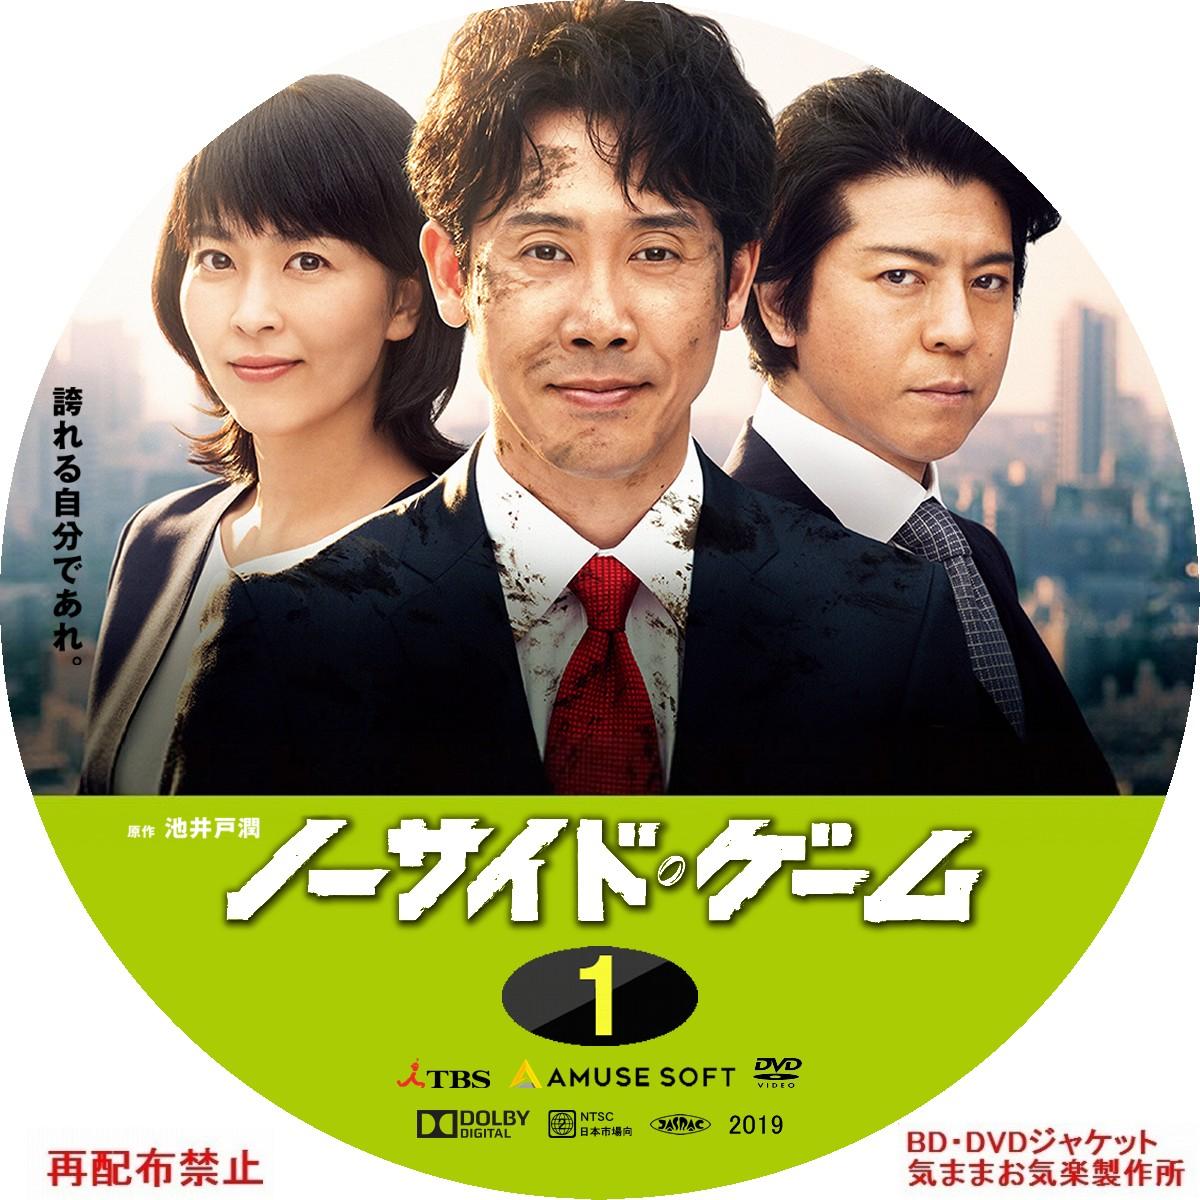 noside_game_DVD01.jpg